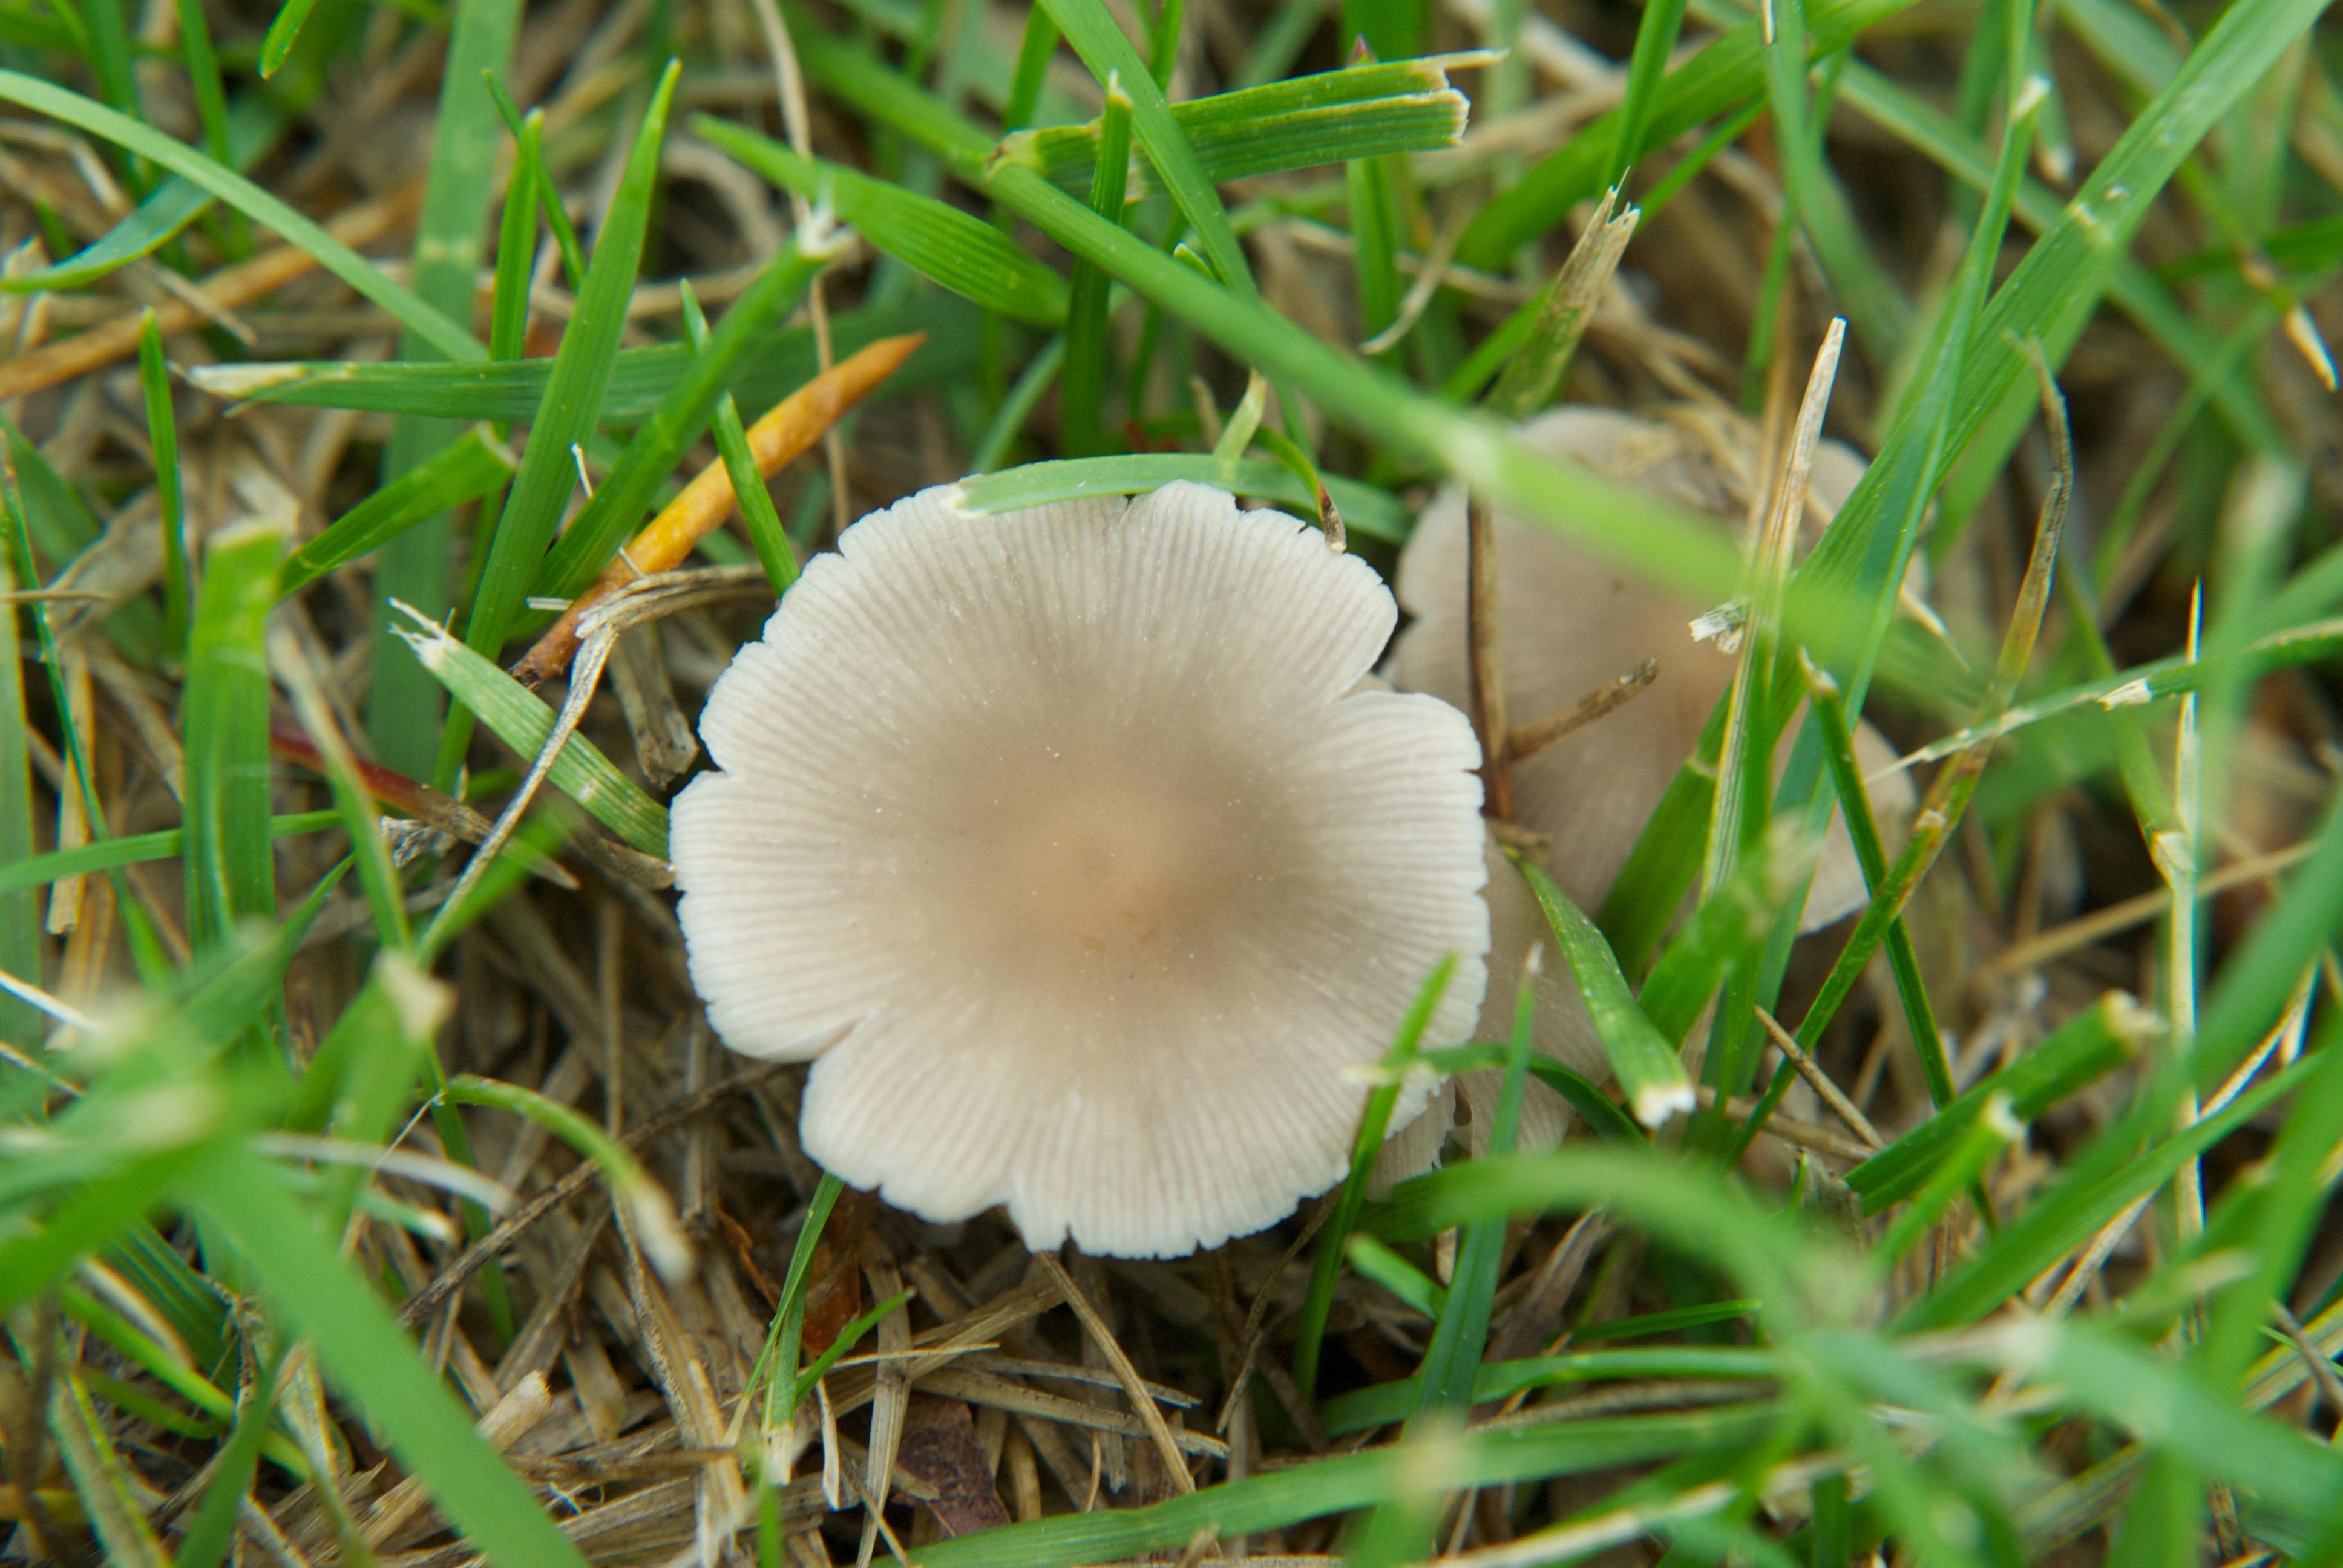 Mica Cap Mushroom (Coprinus micaceus) (opened)